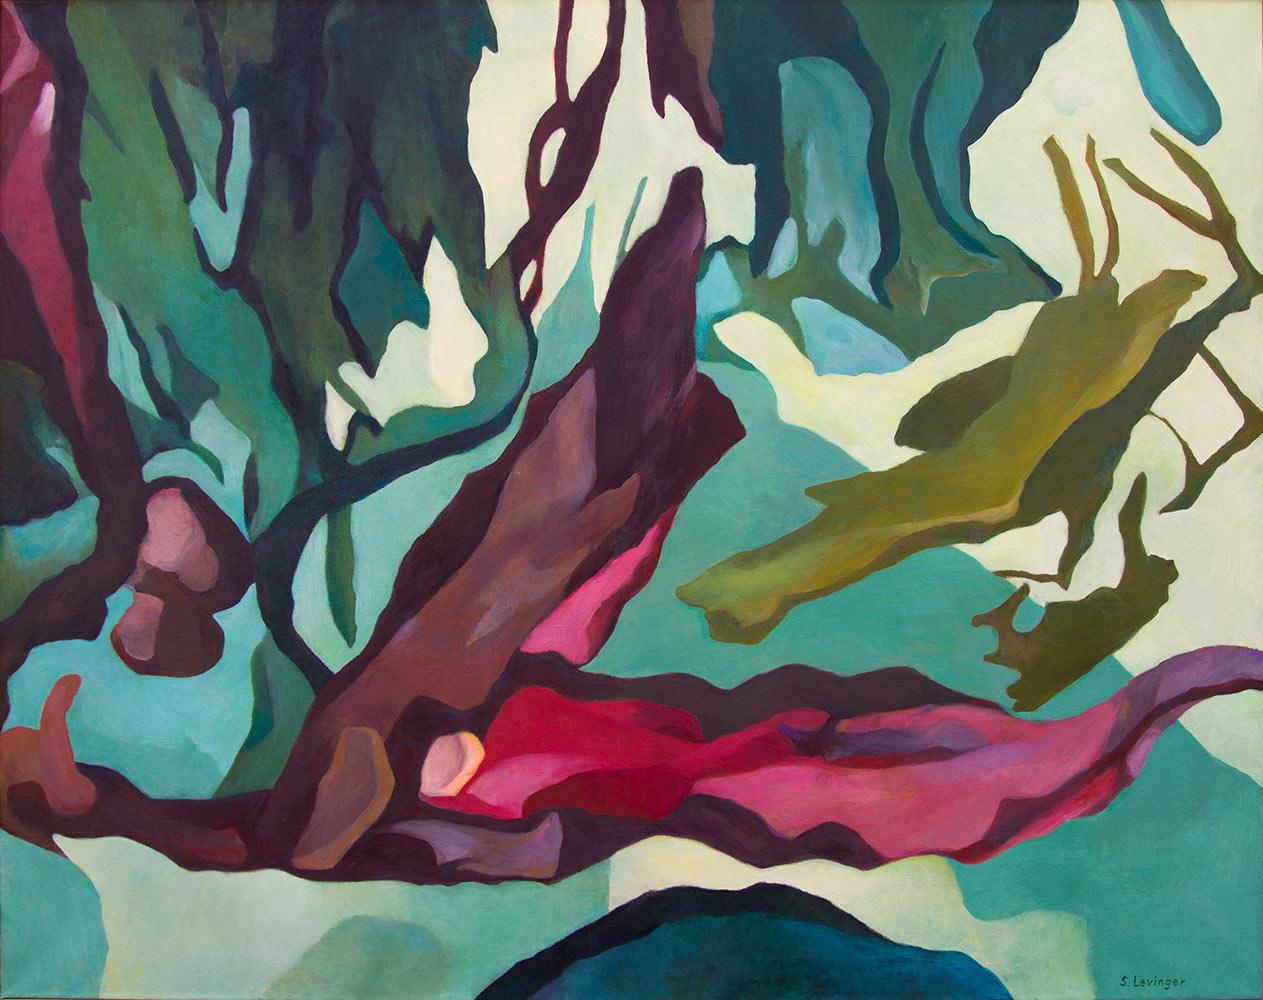 Hineinwachsen, 135 x 170 cm, Öl auf Leinwand